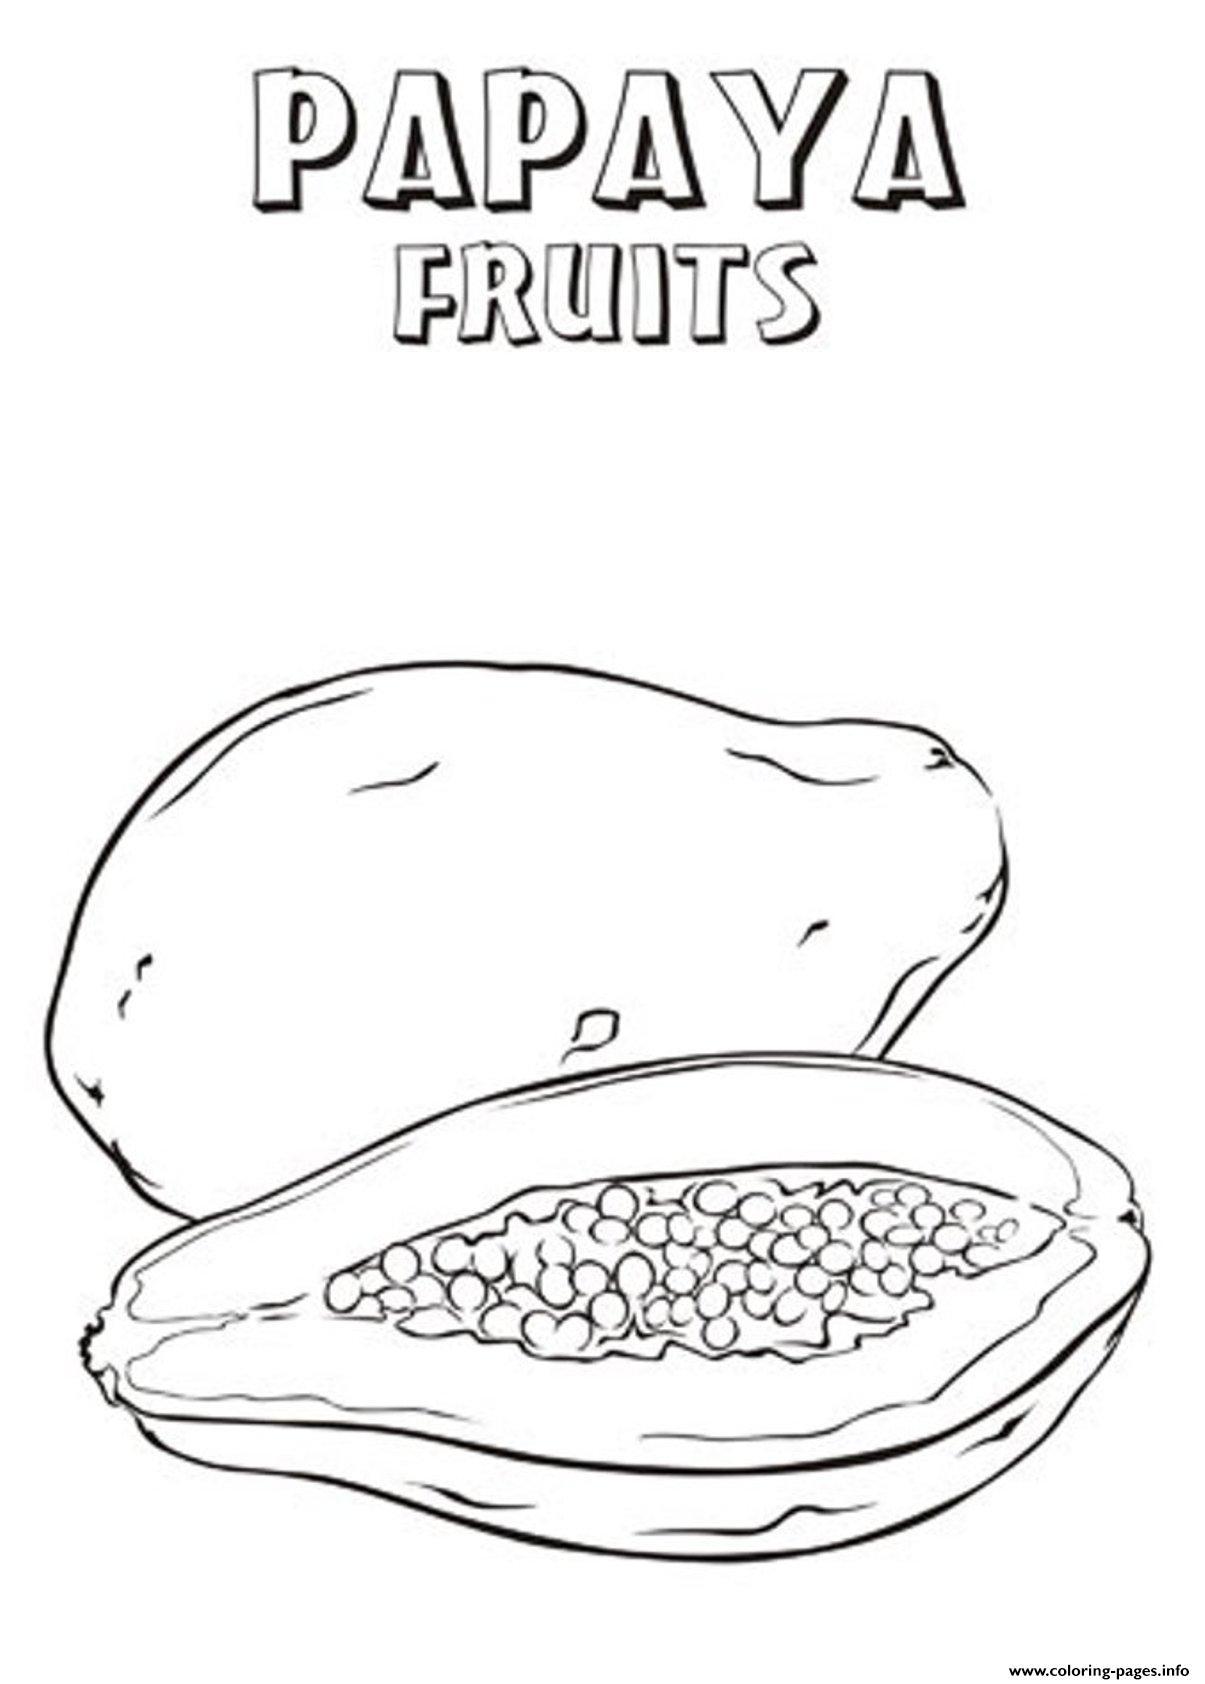 Papaya Drawing At Getdrawings